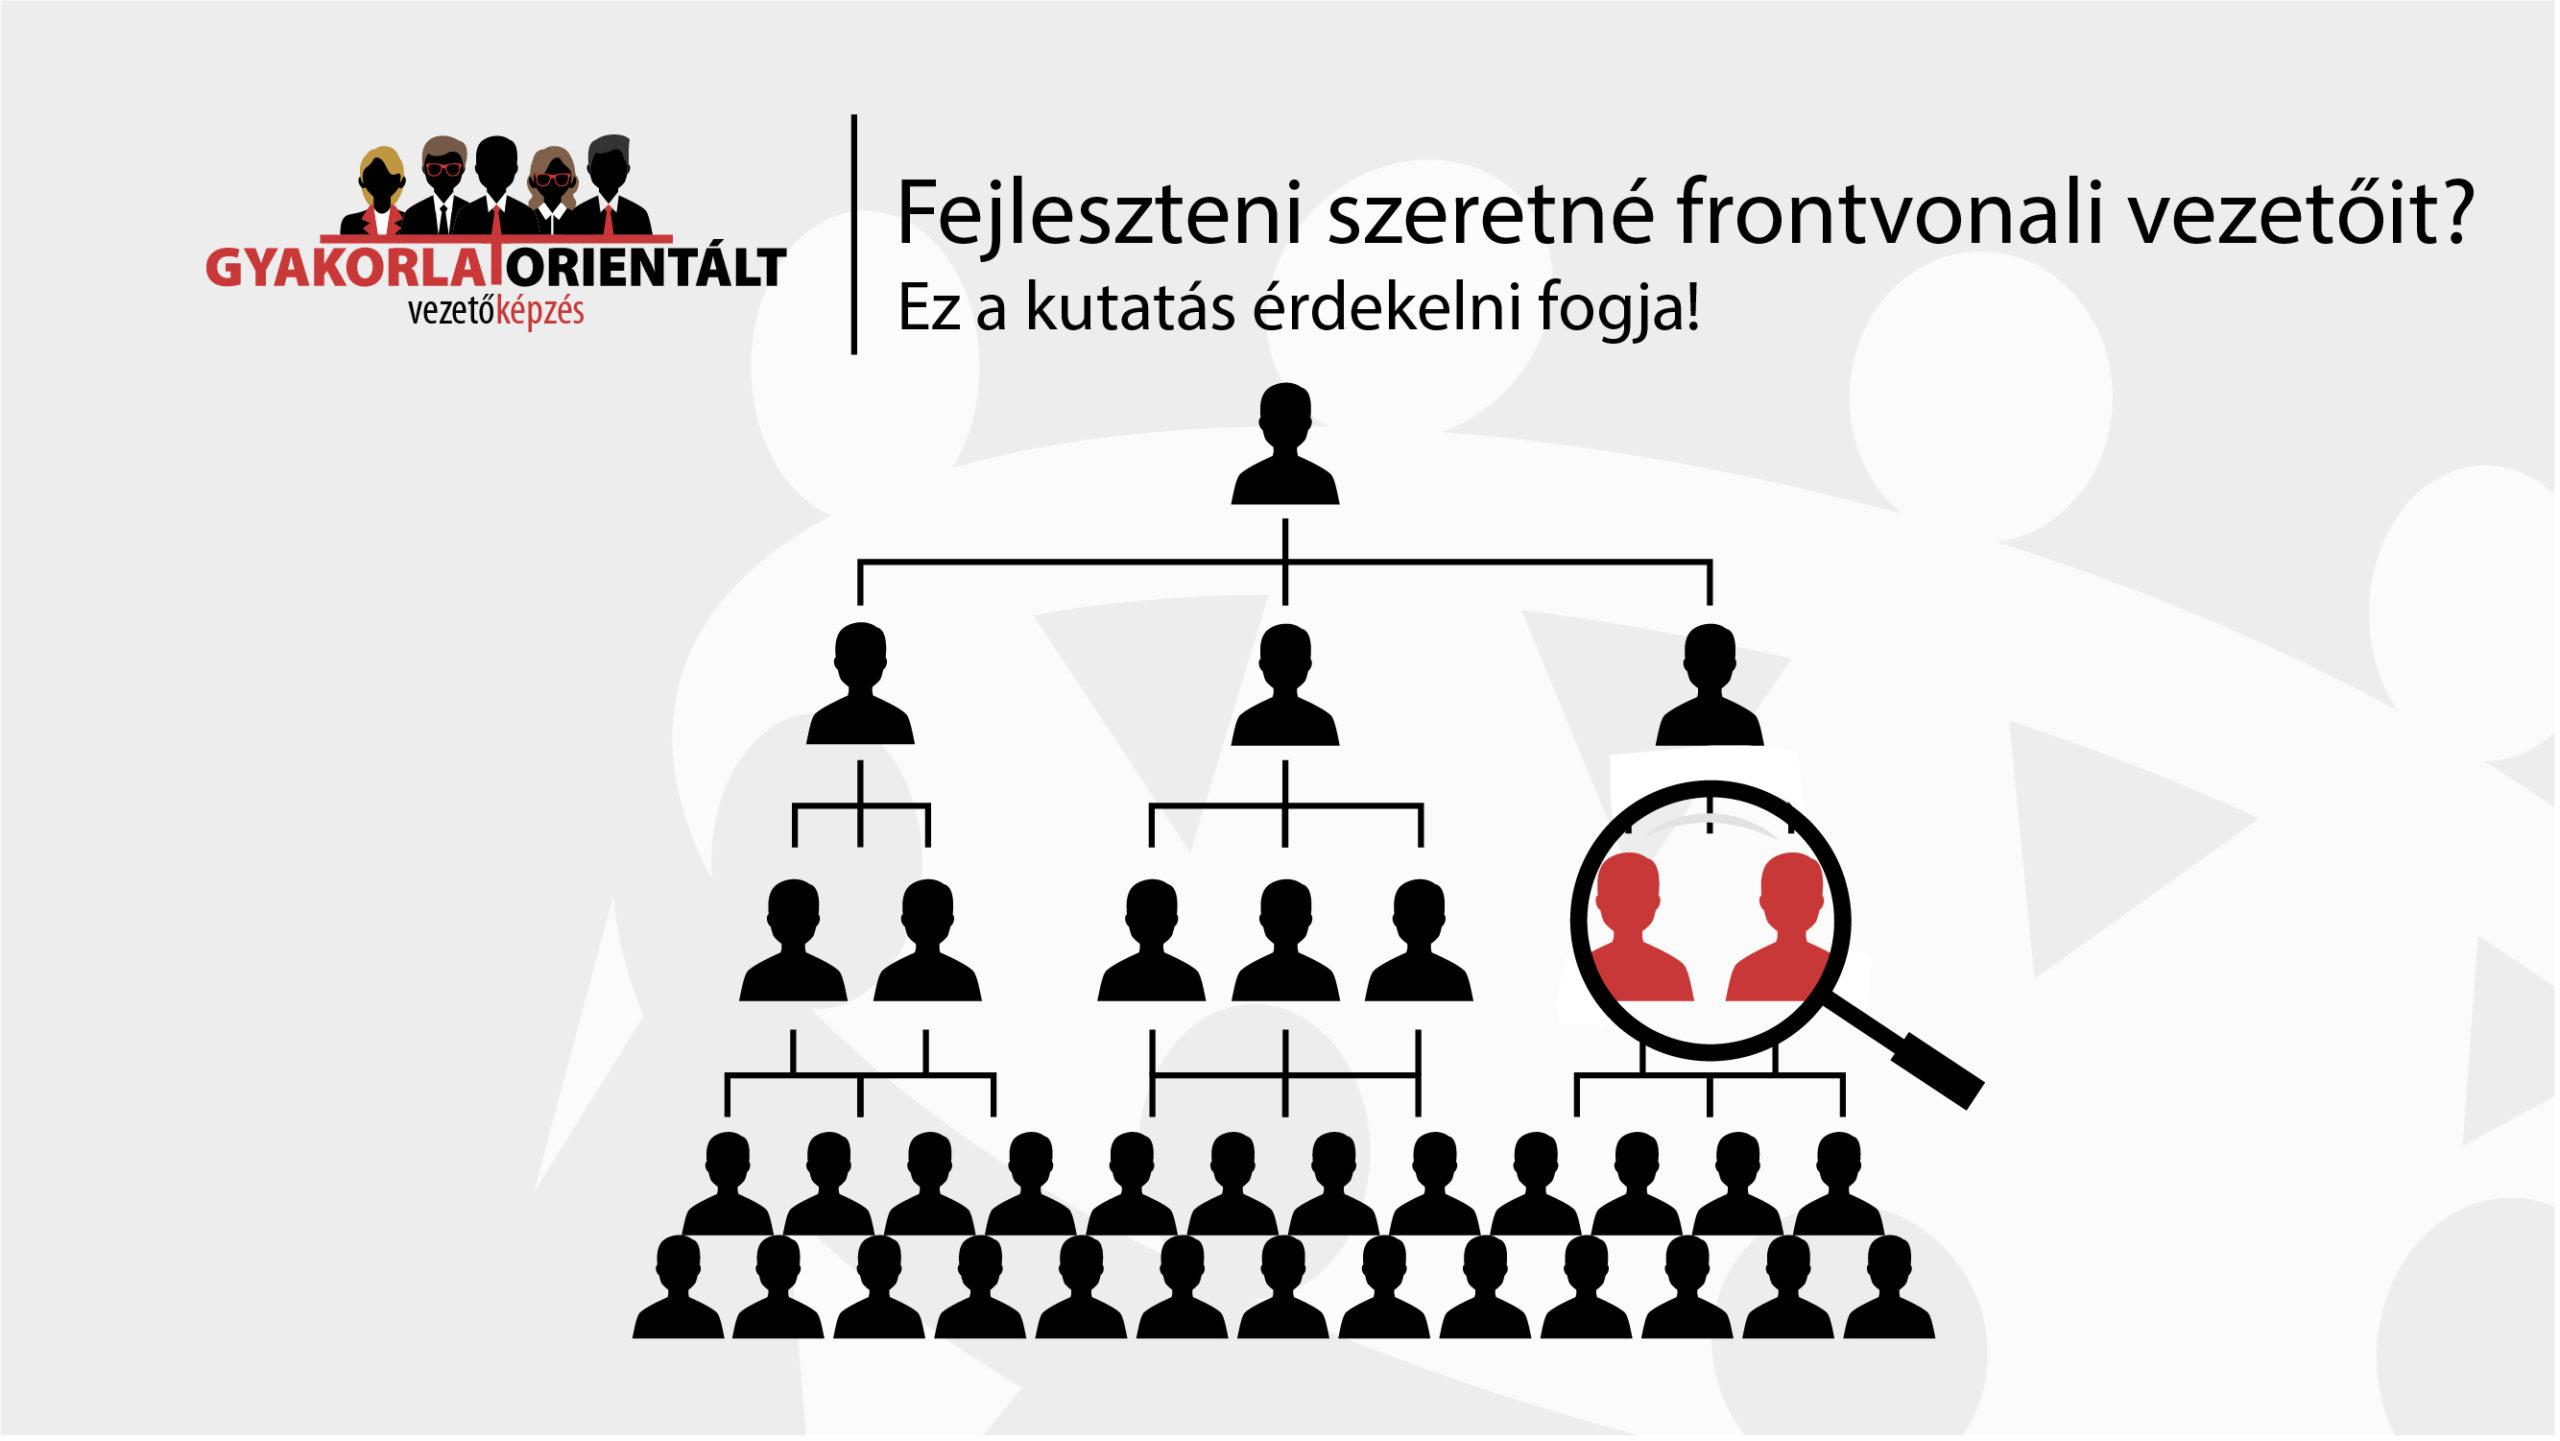 kutatás a frontvonali vezetőkről - gyakorlatorientált vezetőképzés